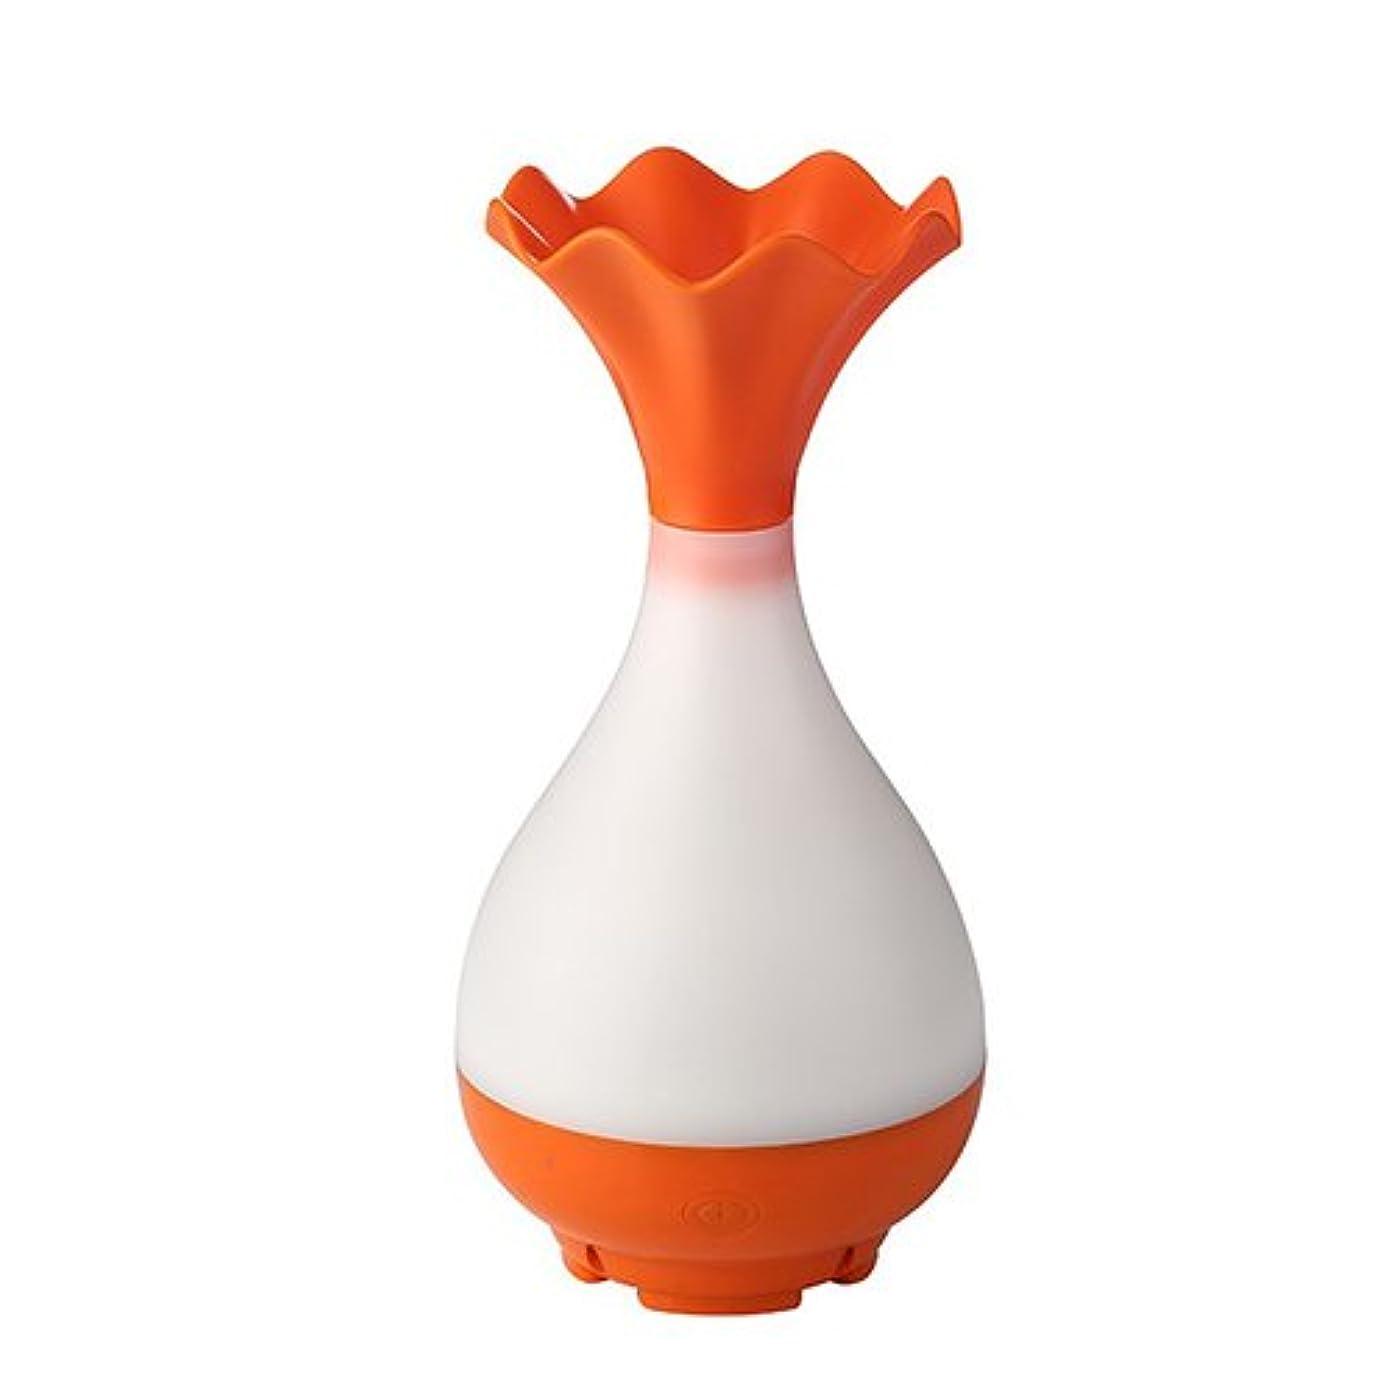 心理的ハイキングに行く側溝Mystic Moments | Orange Vase Bottle USB Aromatherapy Oil Humidifier Diffuser with LED Lighting